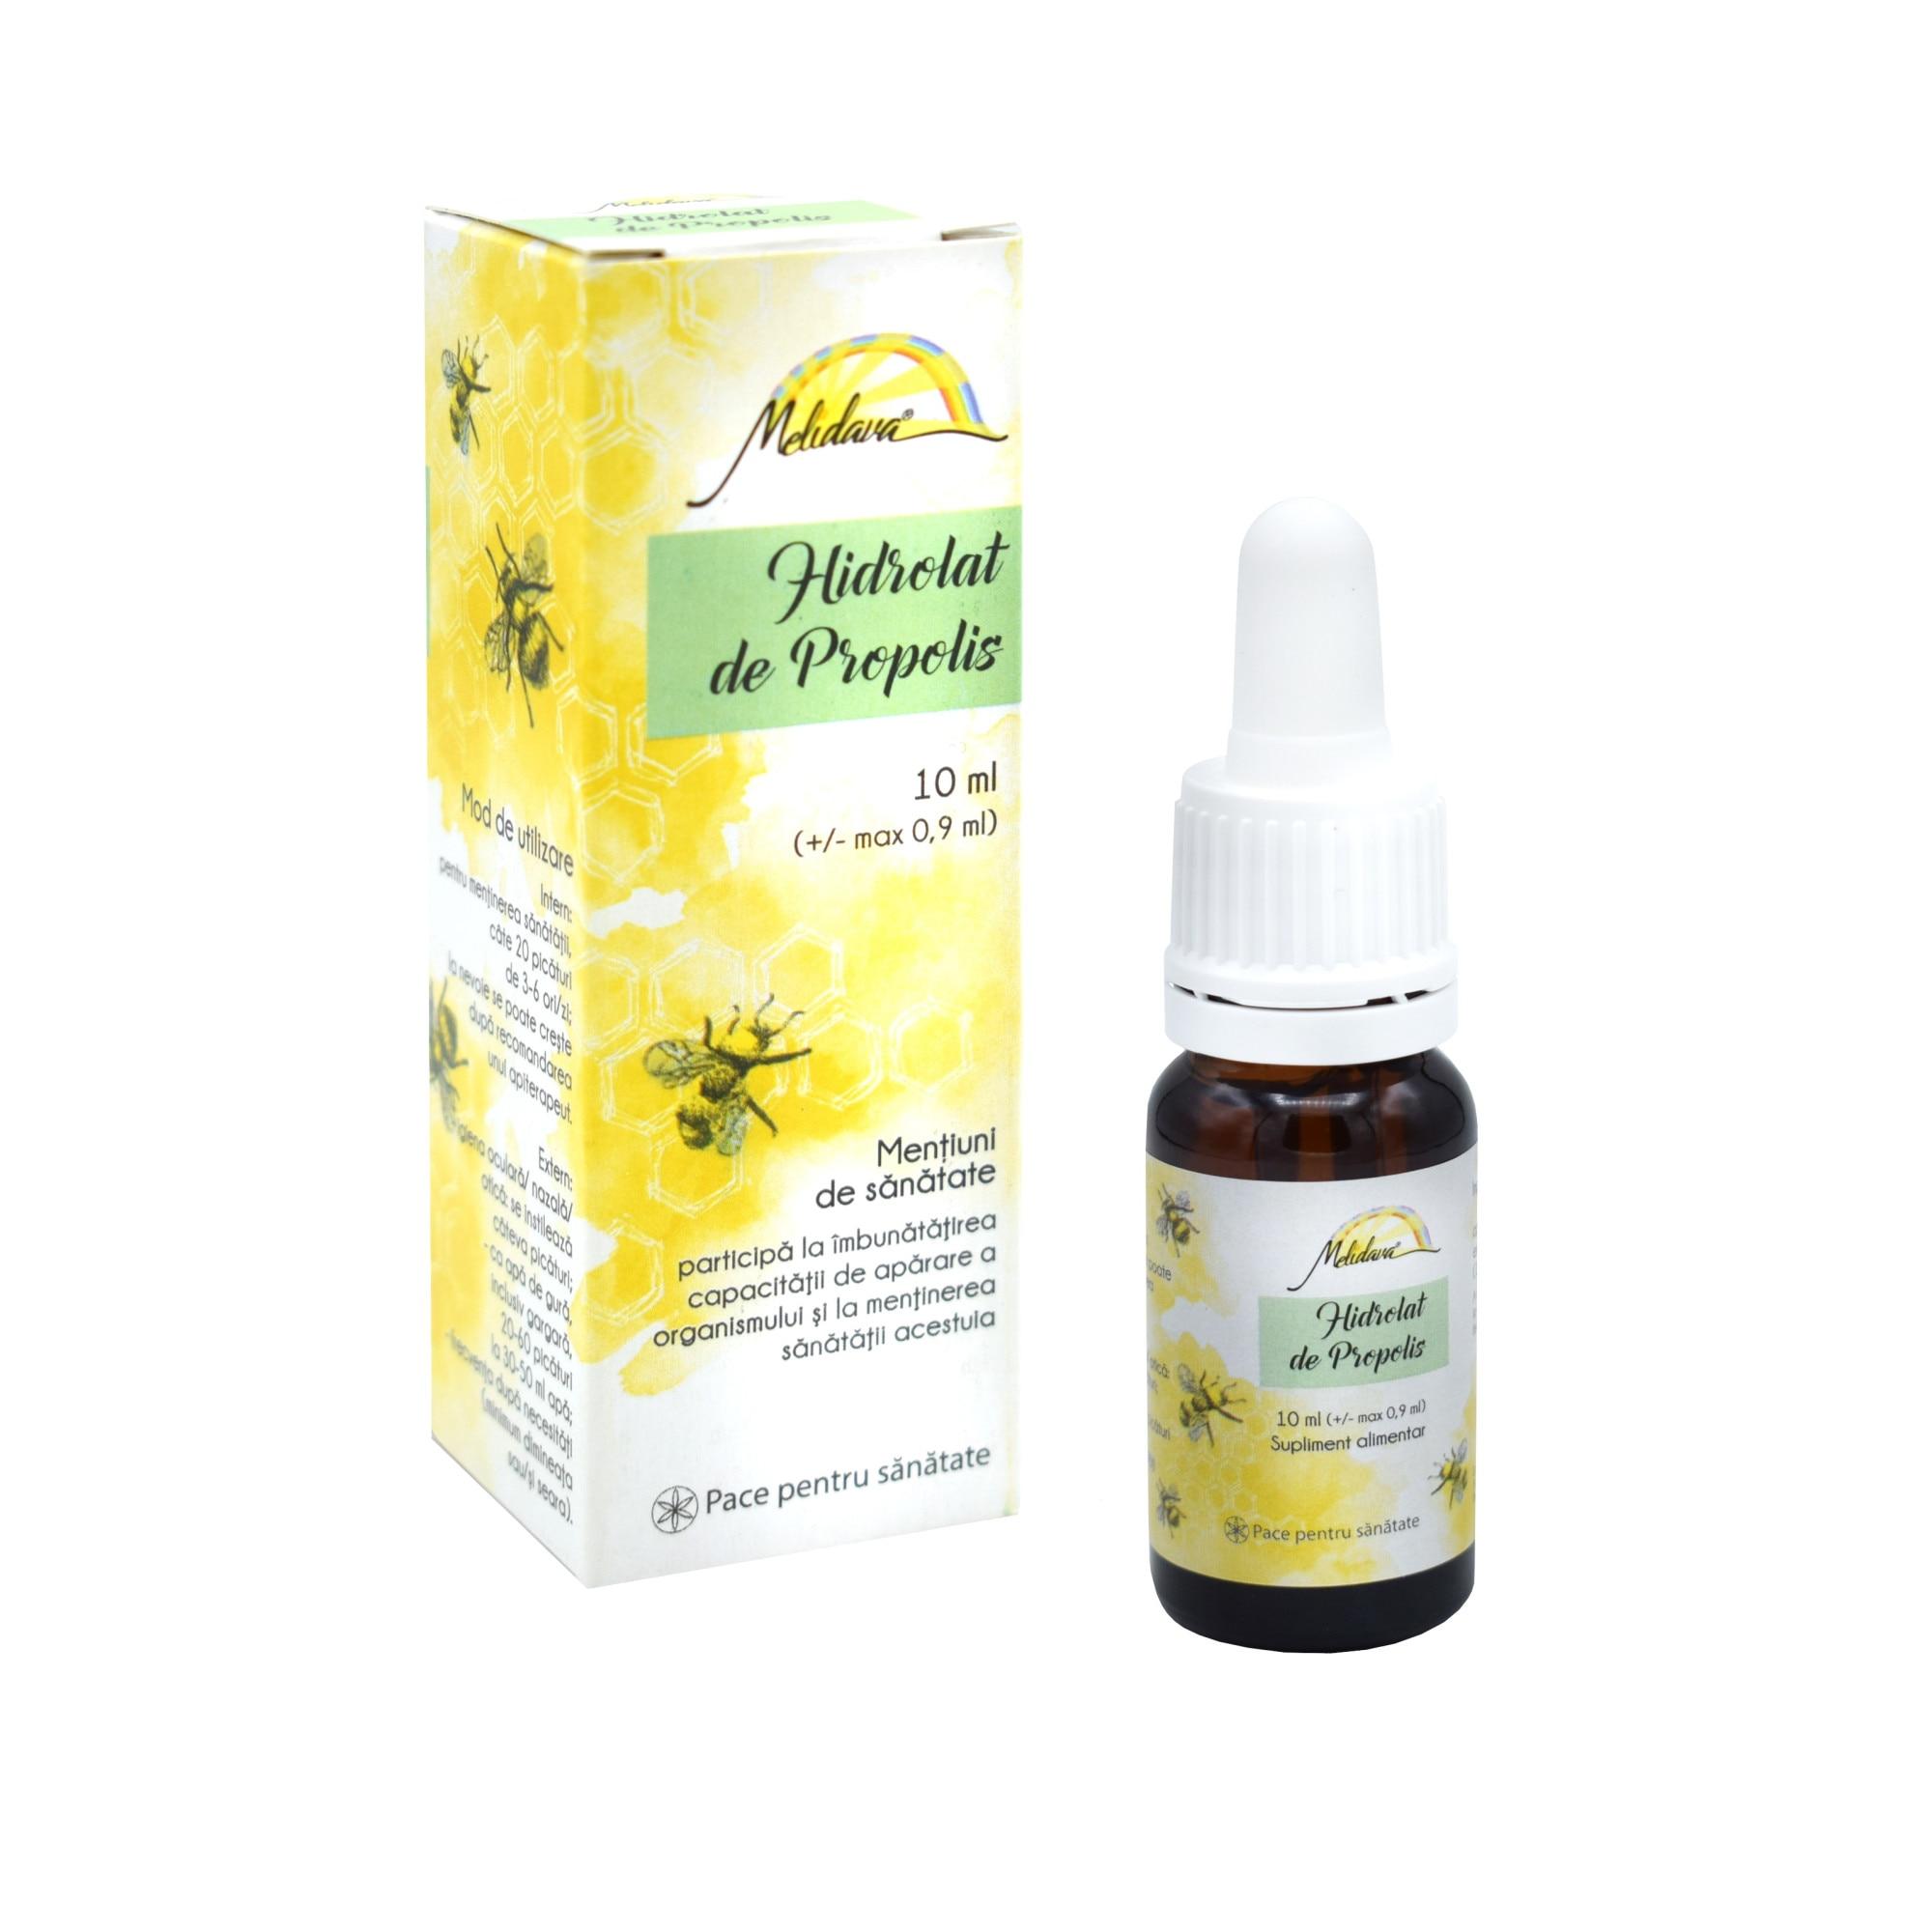 Picături pentru ochi uscați cu aloe vera și acid hialuro : Farmacia Tei